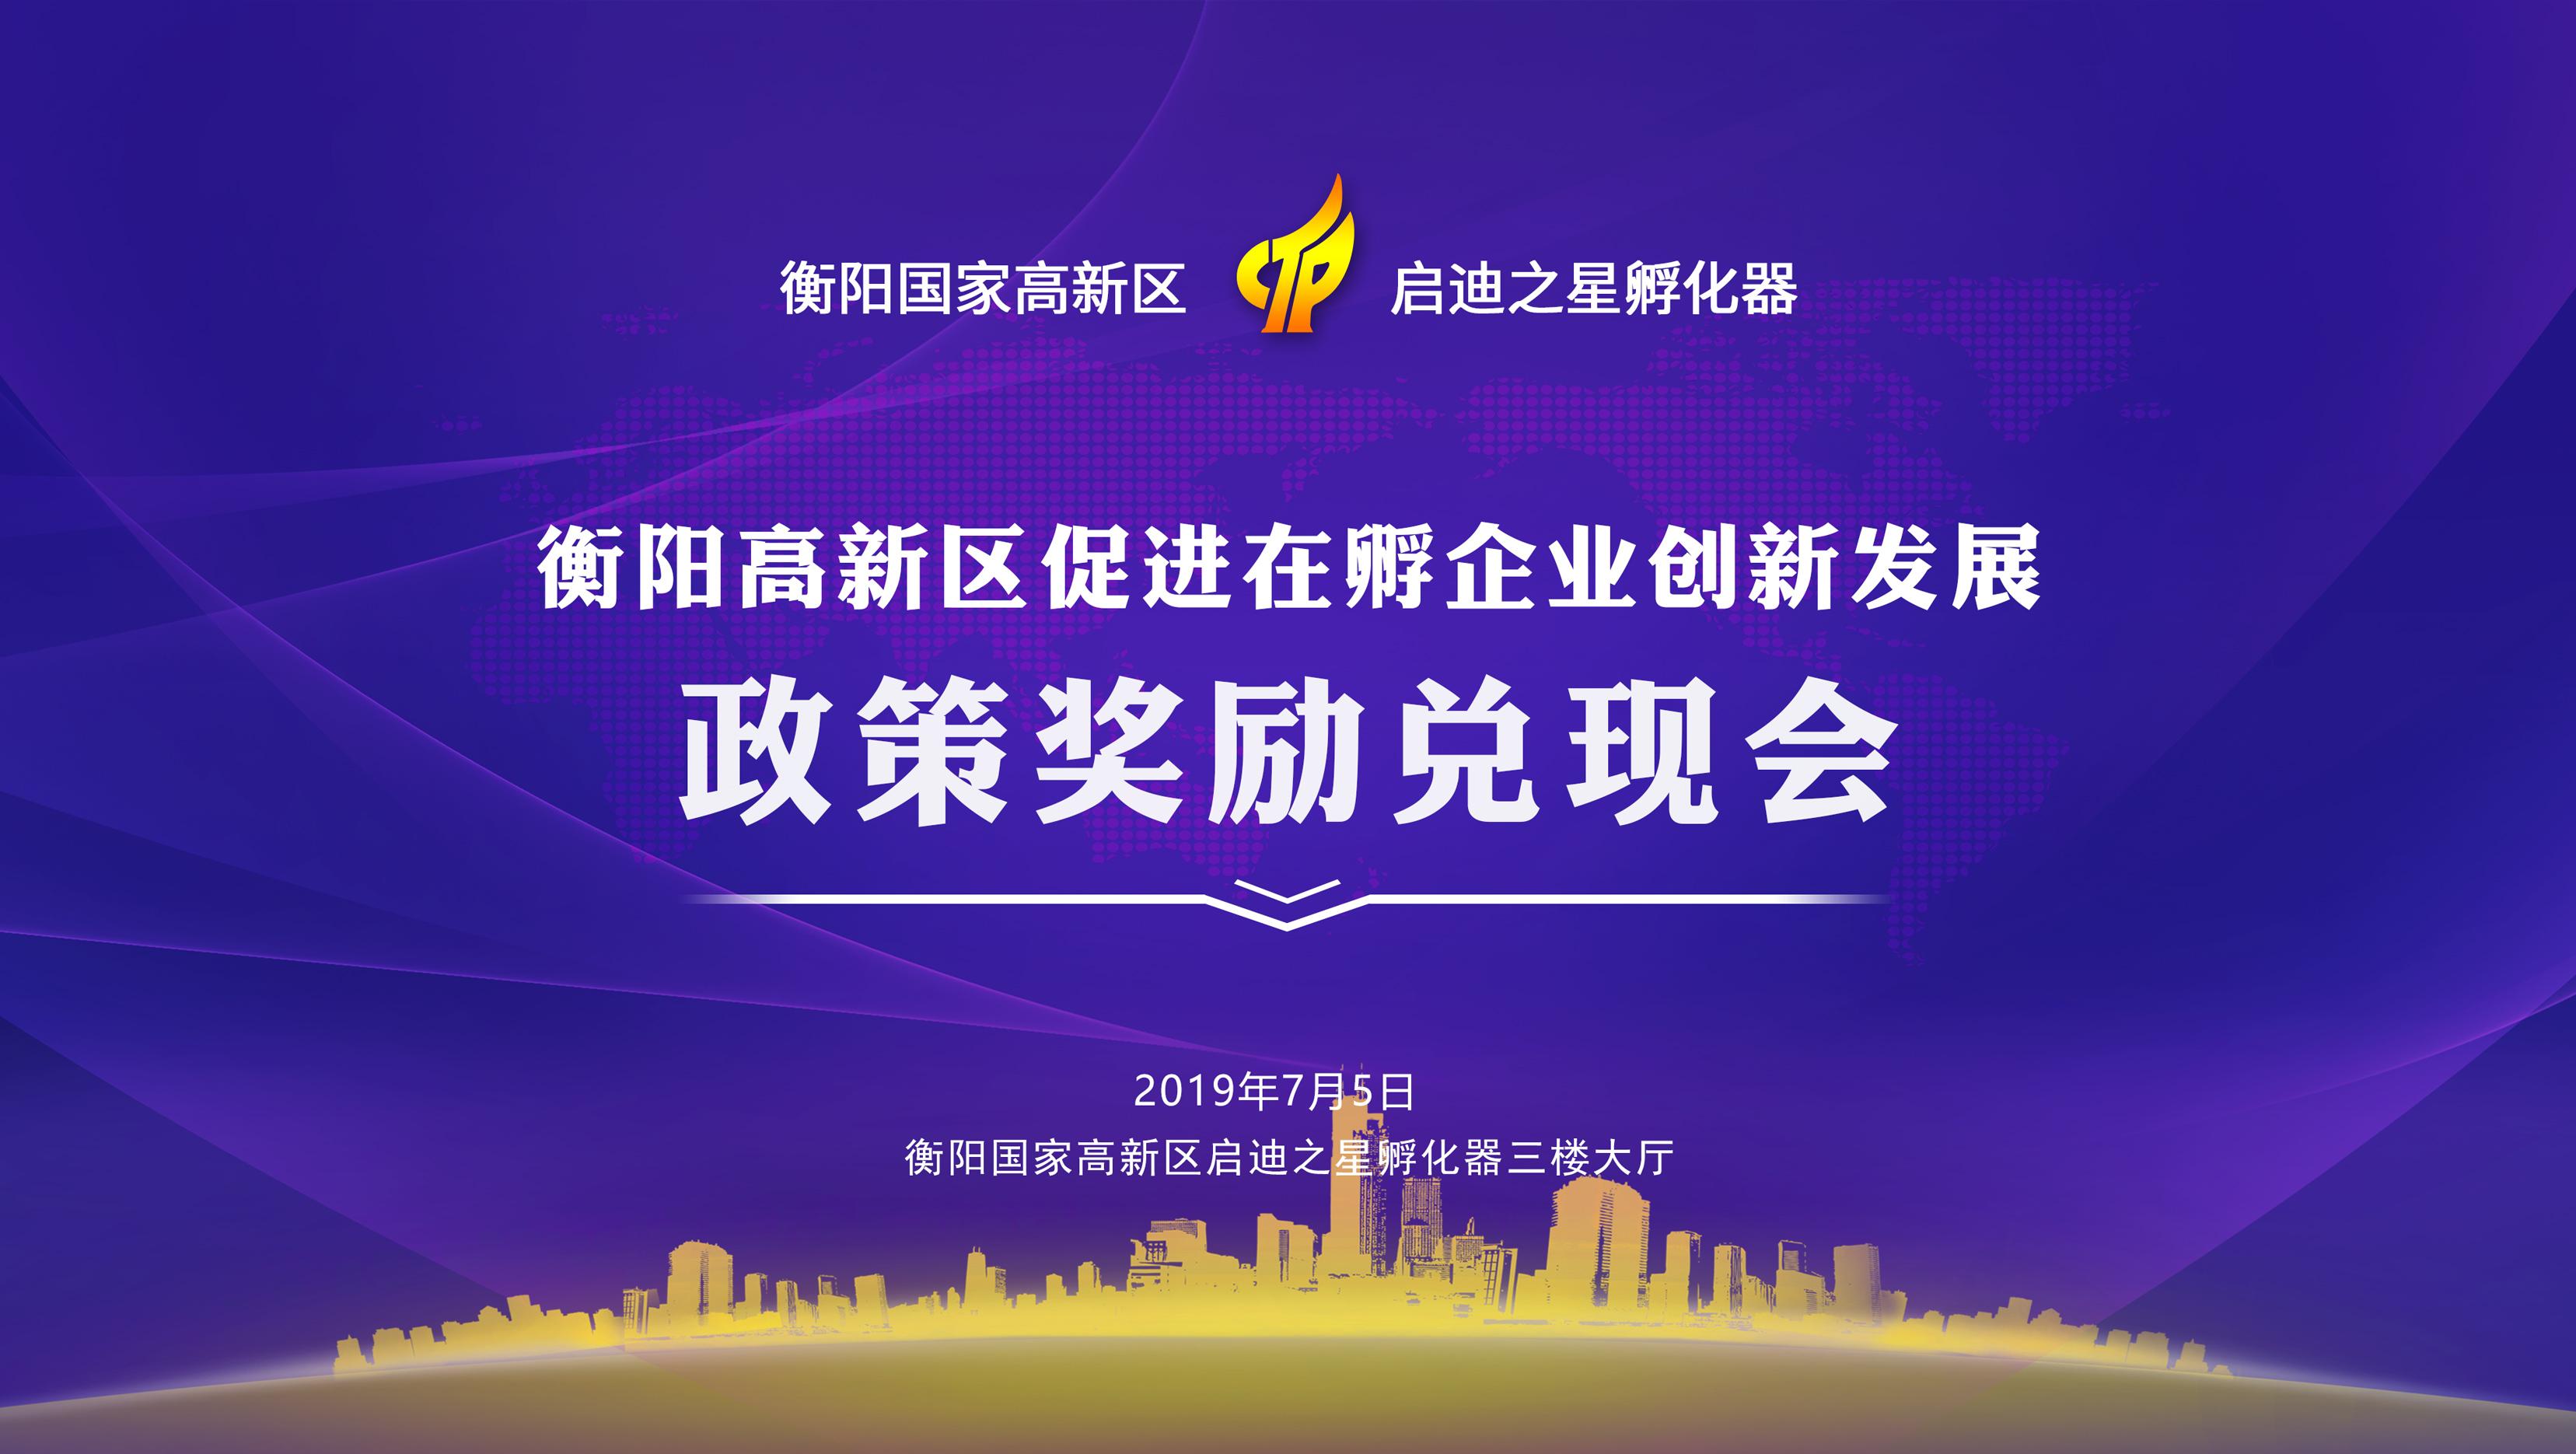 启迪之星(衡阳)| 衡阳国家高新区启迪之星园区政策奖励兑现会